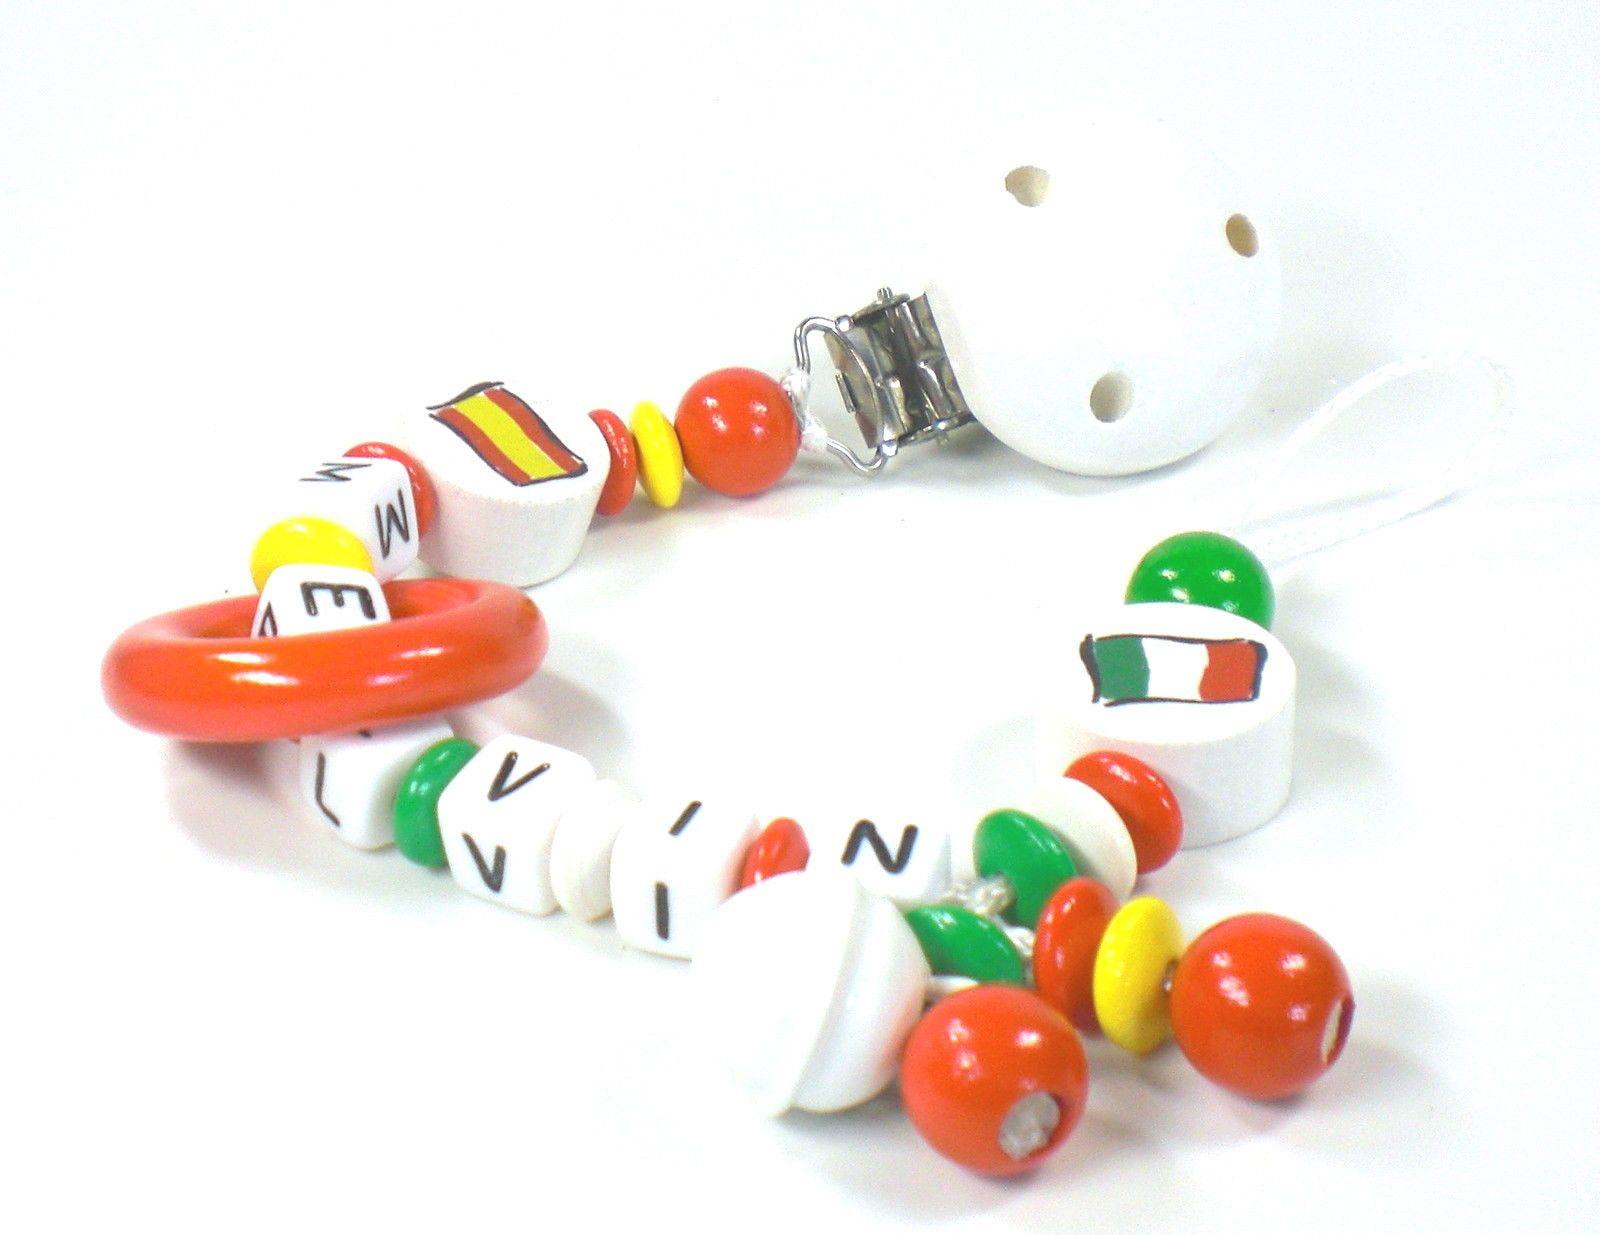 Schnullerkette Mit Namen Spanien Italien Pandora Charms Pandora Charm Bracelet Charm Bracelet